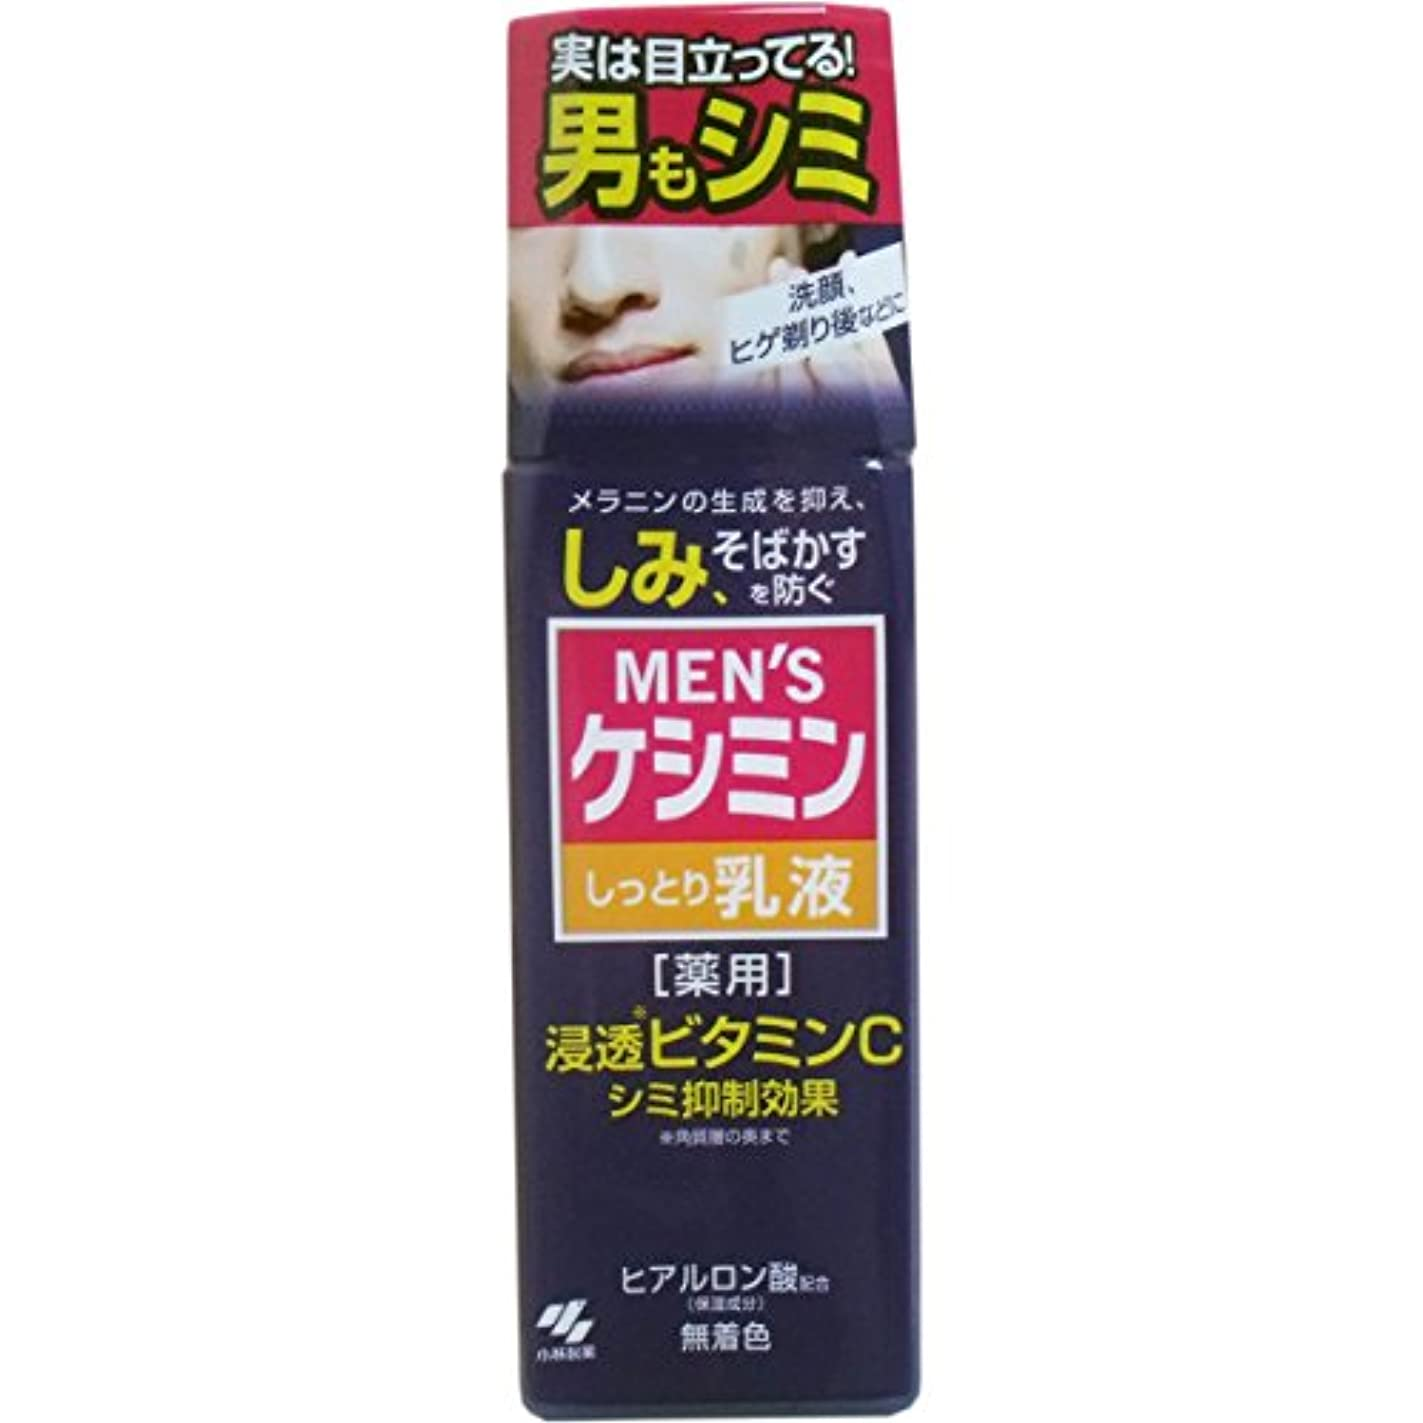 聡明妊娠した火星【小林製薬】メンズケシミン乳液 110ml ×3個セット